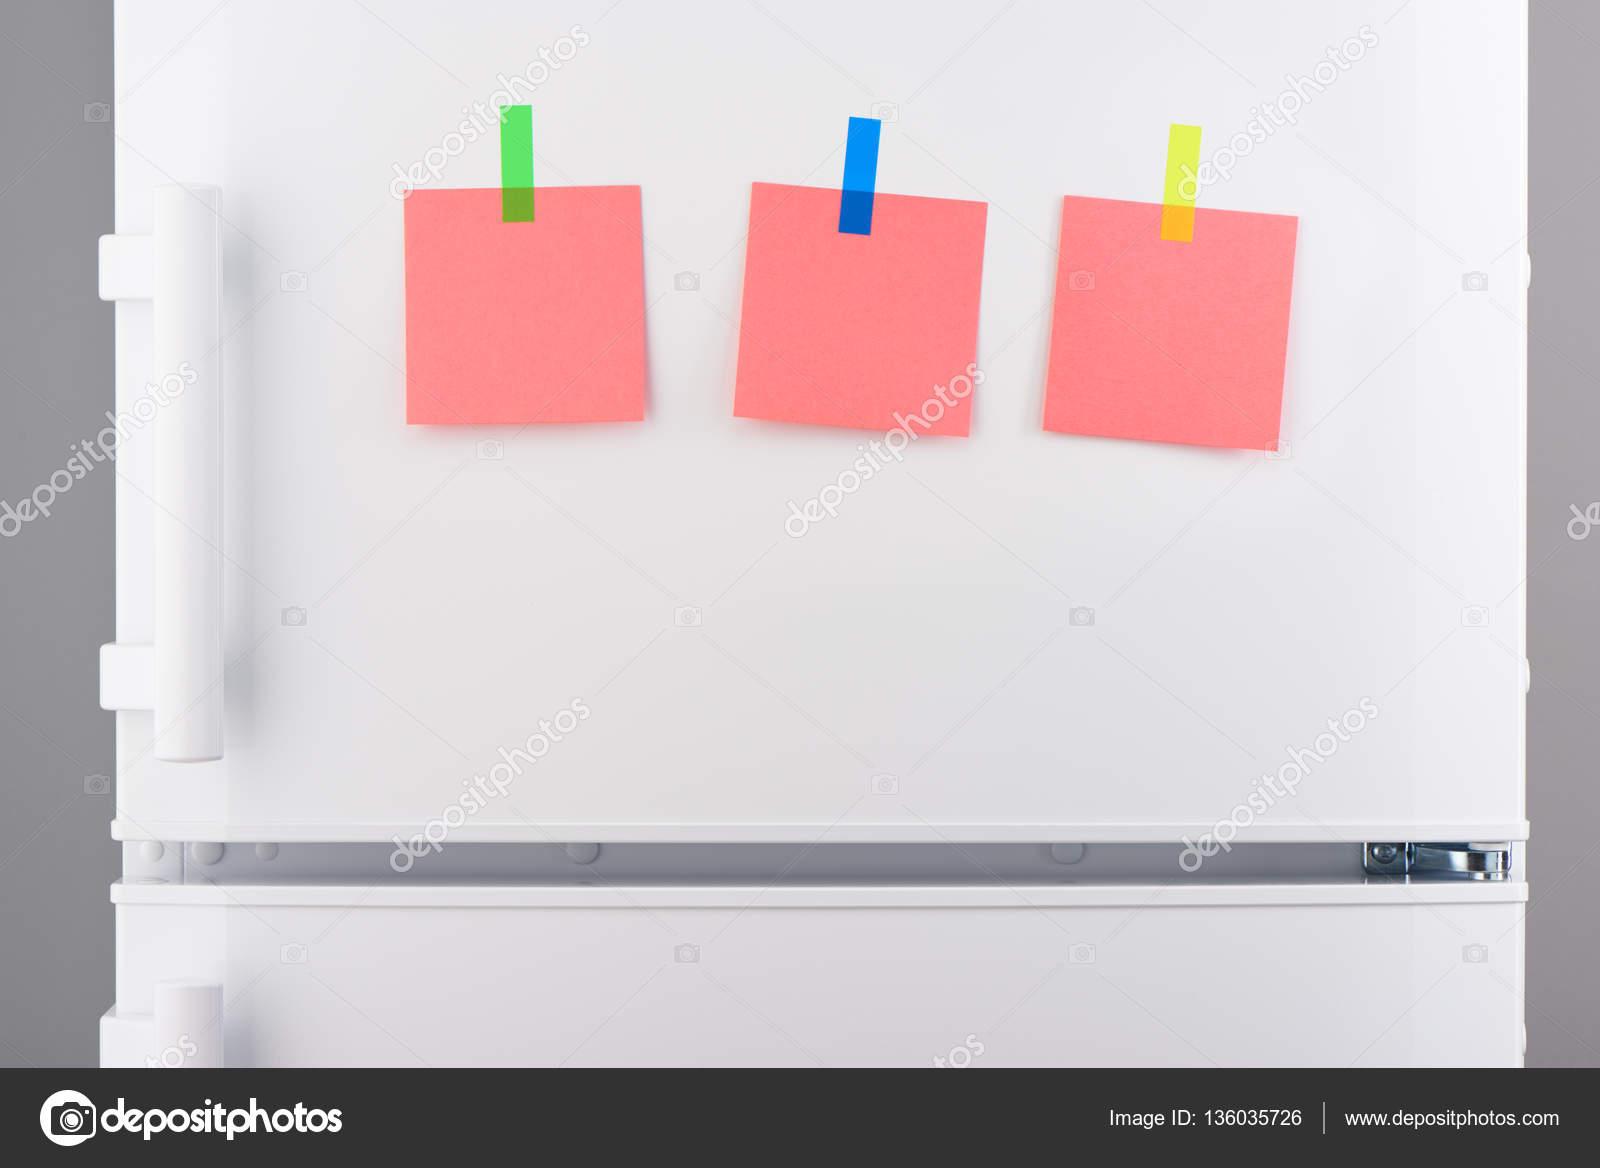 Kühlschrank Rosa : Notizen auf rosa papier mit aufkleber auf weißer kühlschrank